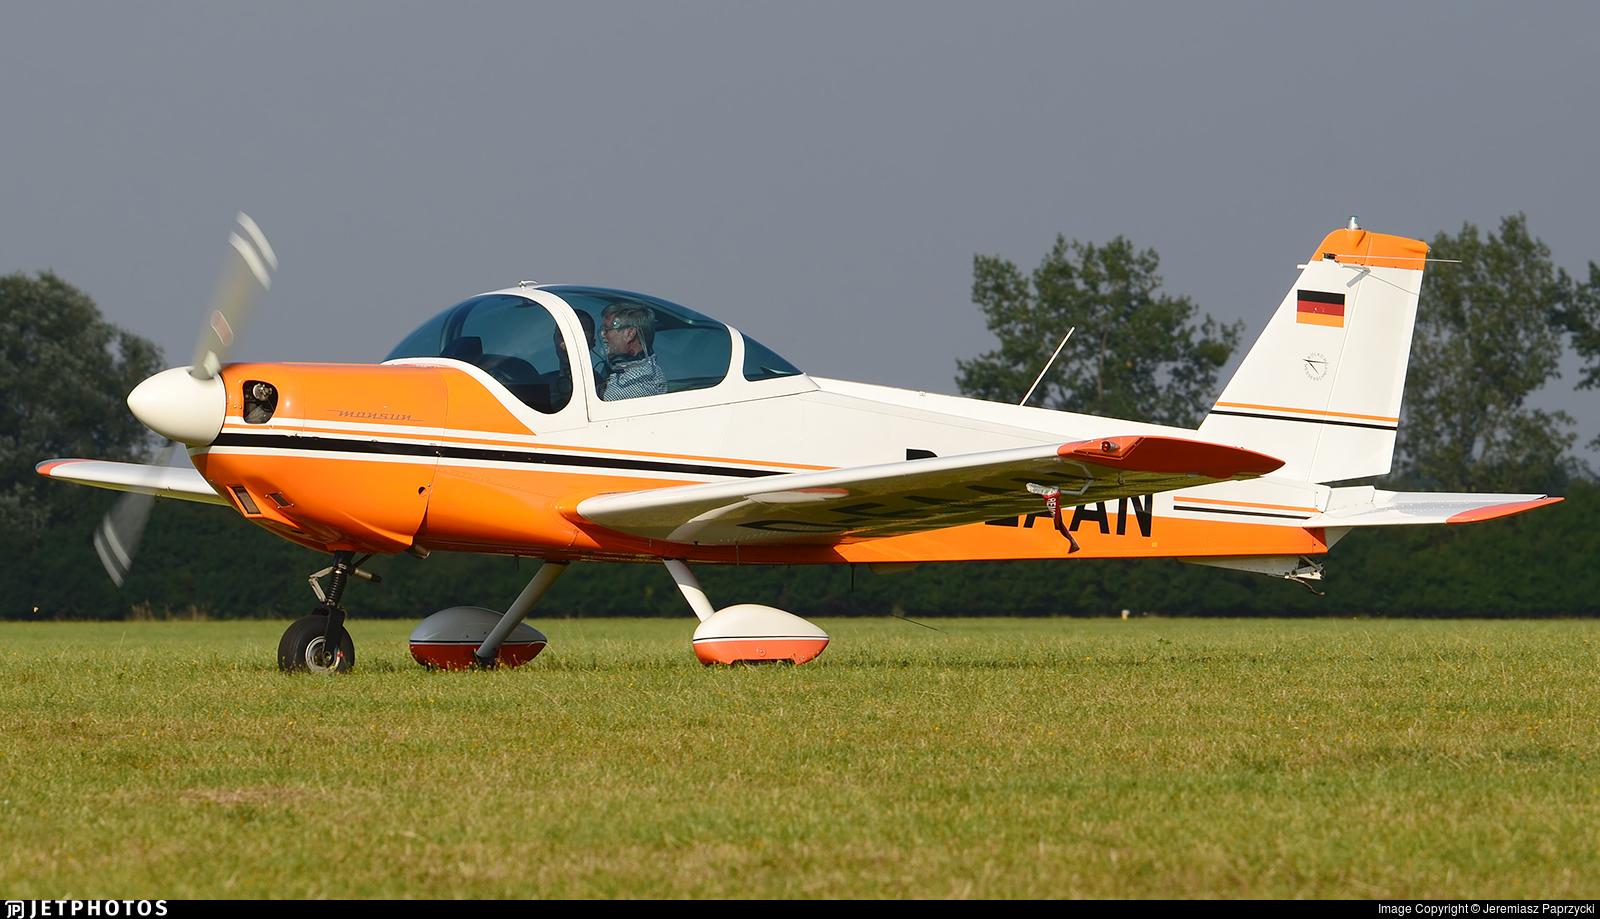 D-EAAN - Bolkow Bo.209 Monsun 150RV - Private